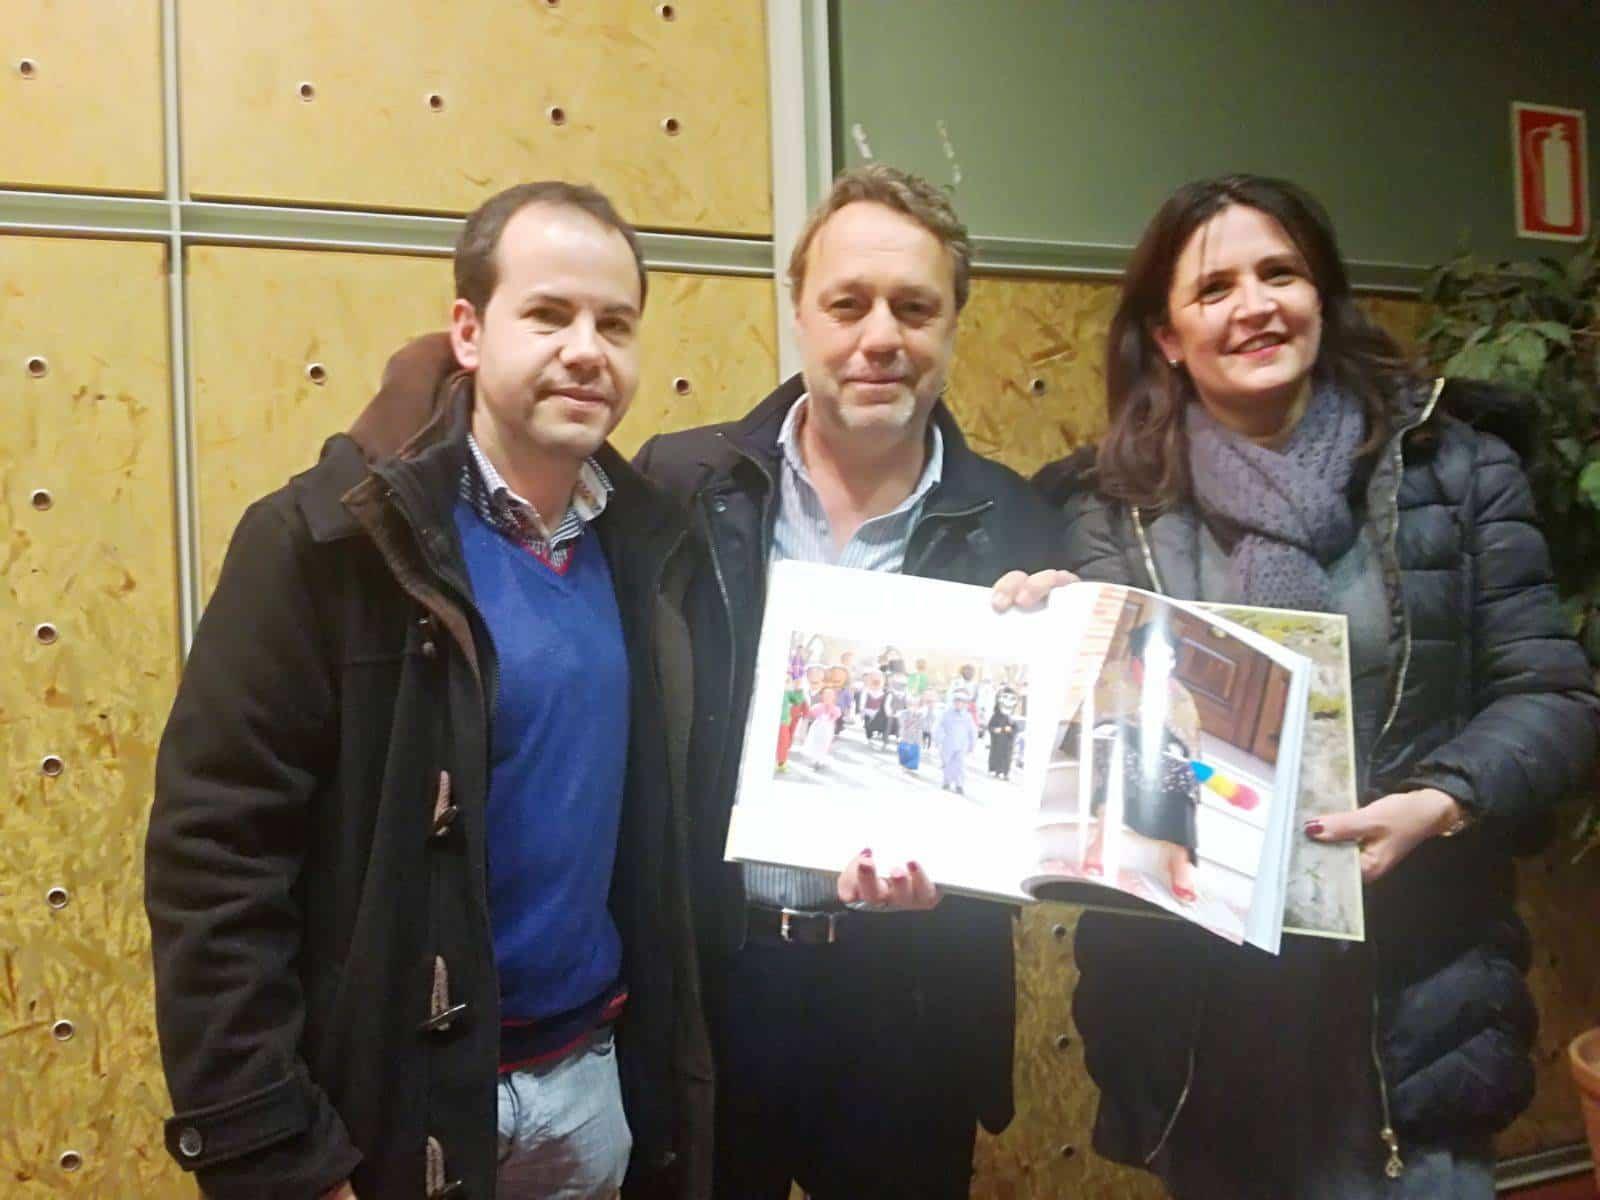 """herencia presetacion libro ciudad real - Herencia en la presentación del libro """"Ciudad Real en imágenes. Un Paseo Real"""""""